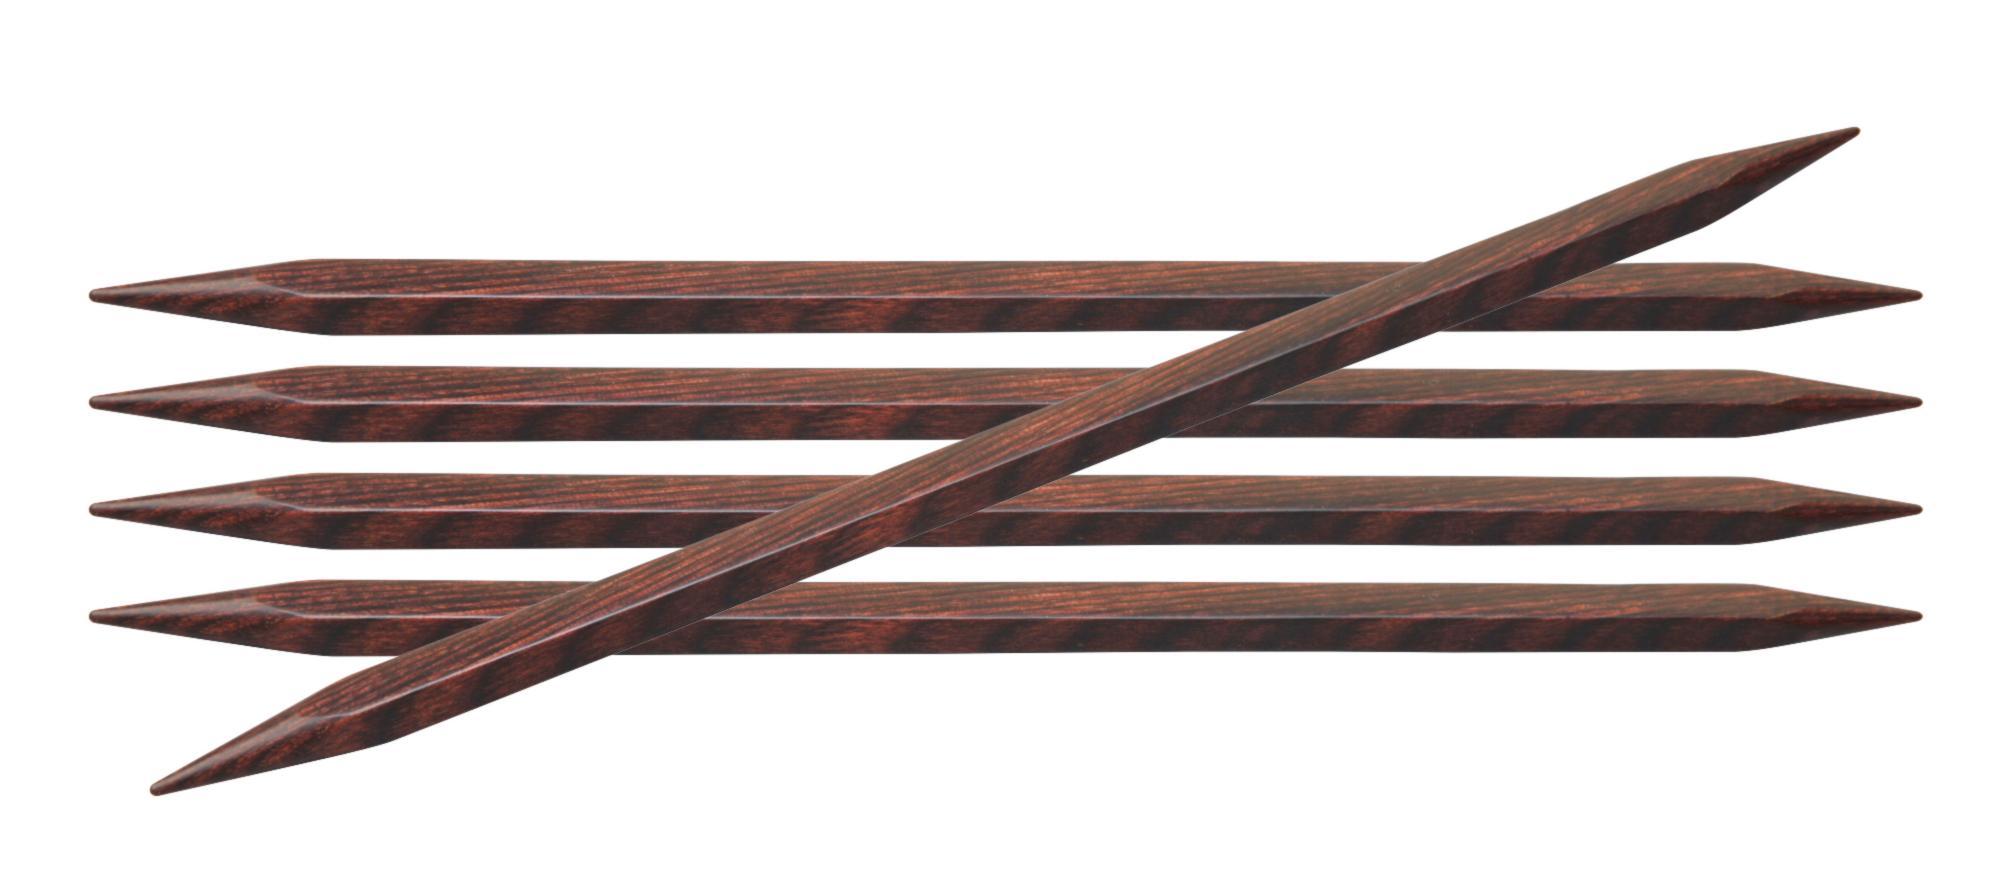 Спицы носочные 15 см Cubics Symfonie-Rose KnitPro, 25101, 2.00 мм